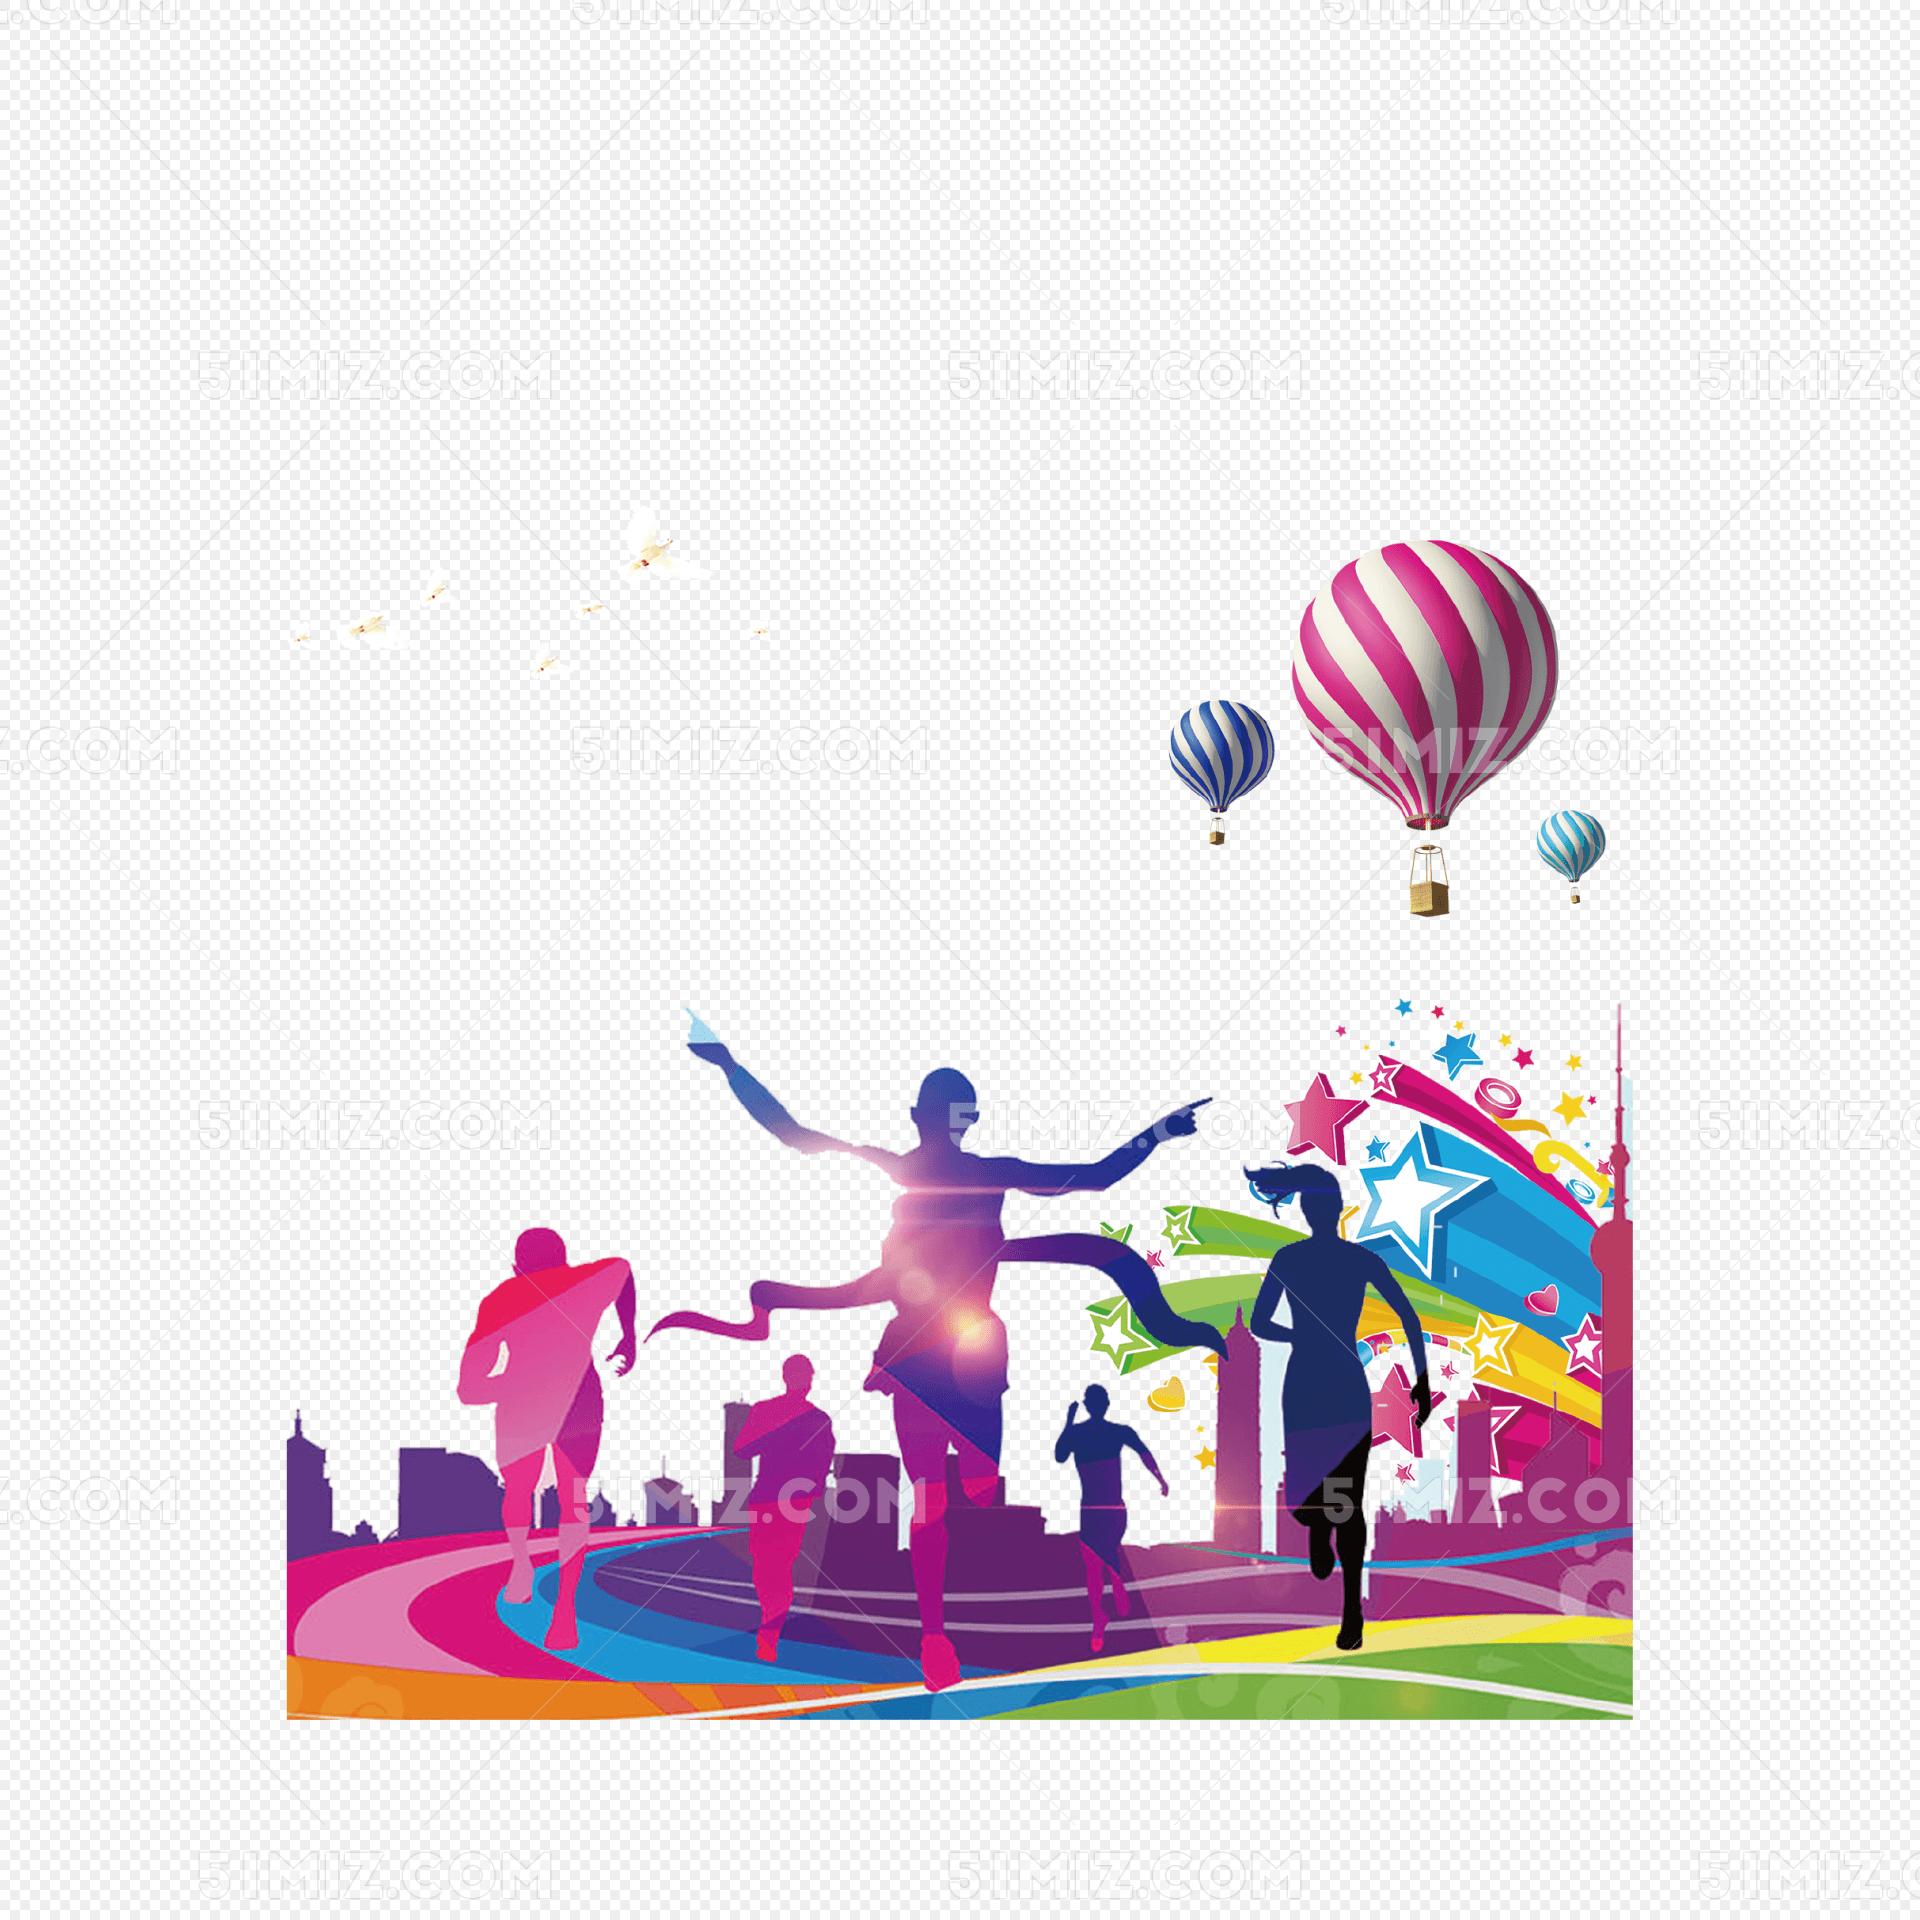 彩色青年运动会人物剪影图片素材免费下载_觅知网